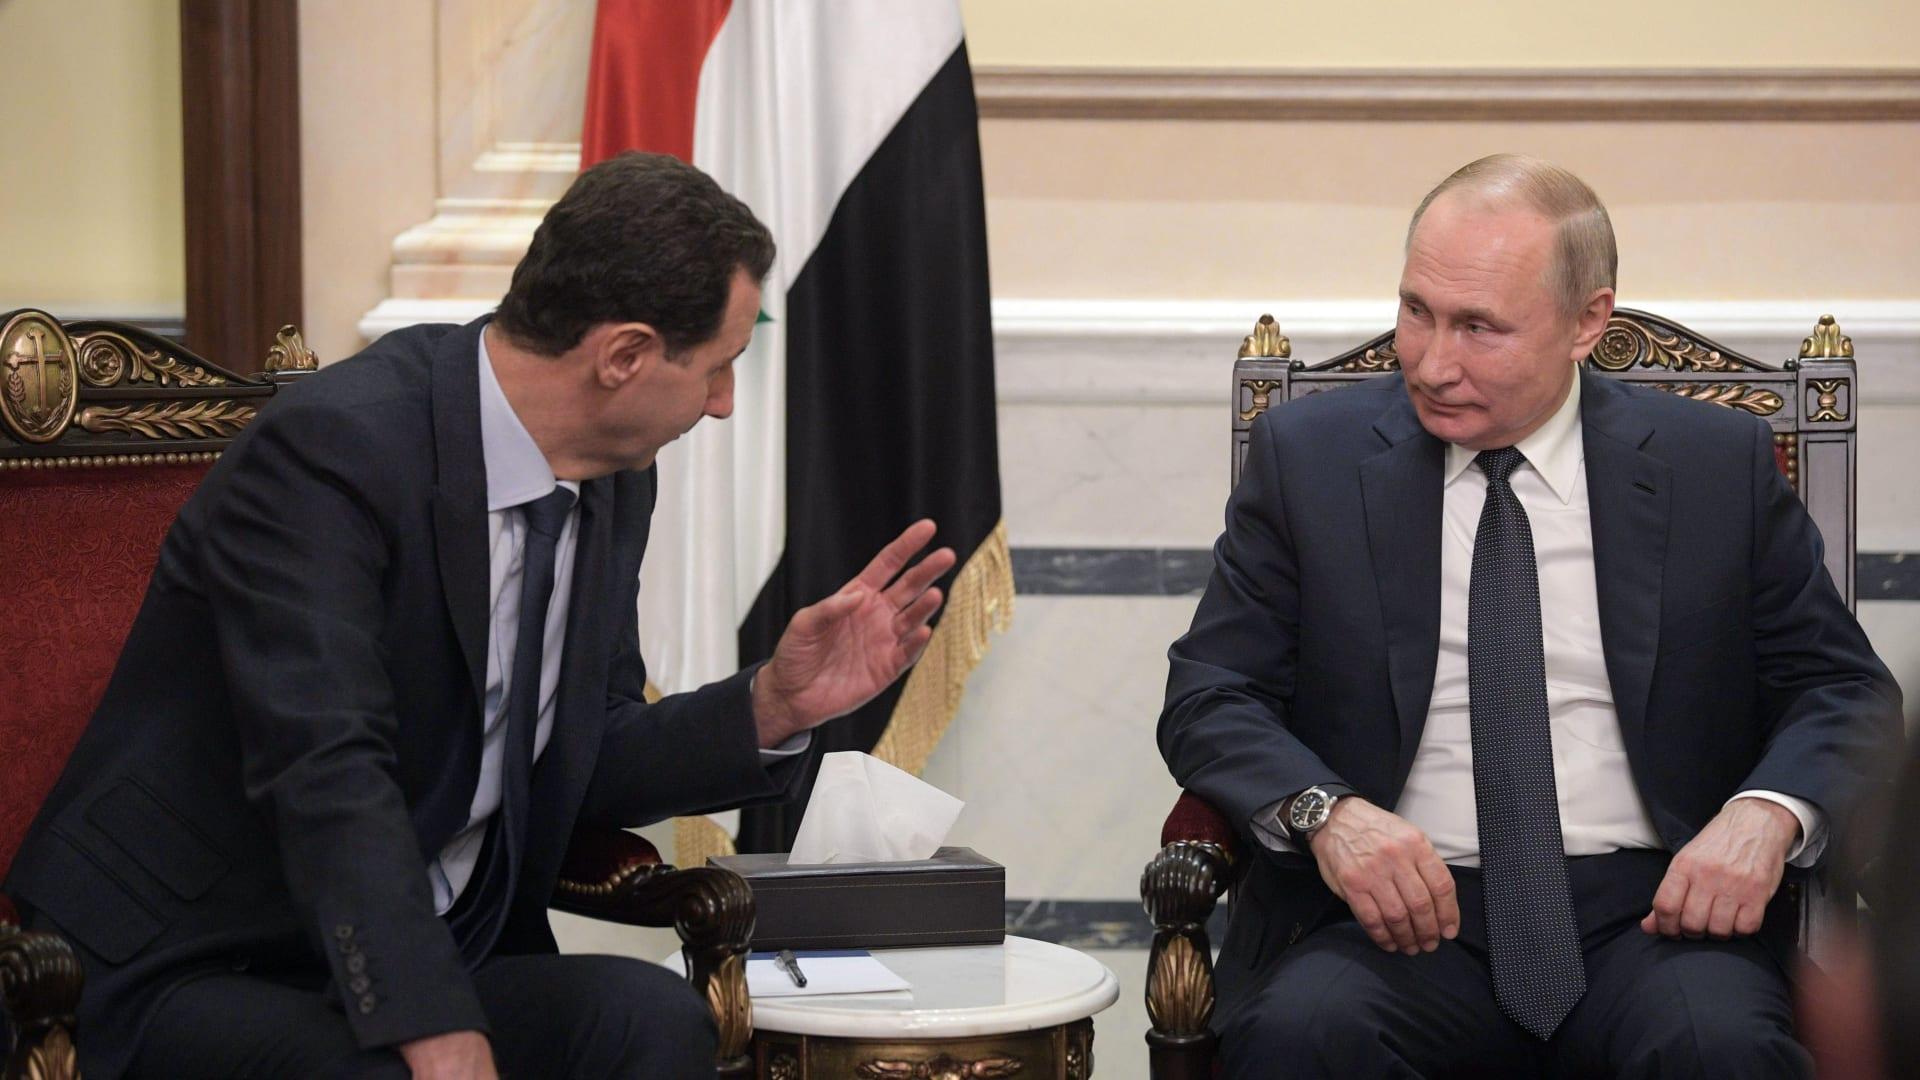 بعد ساعات من لقاء بشار الأسد.. بوتين يعزل نفسه بسبب إصابات كورونا في دائرته